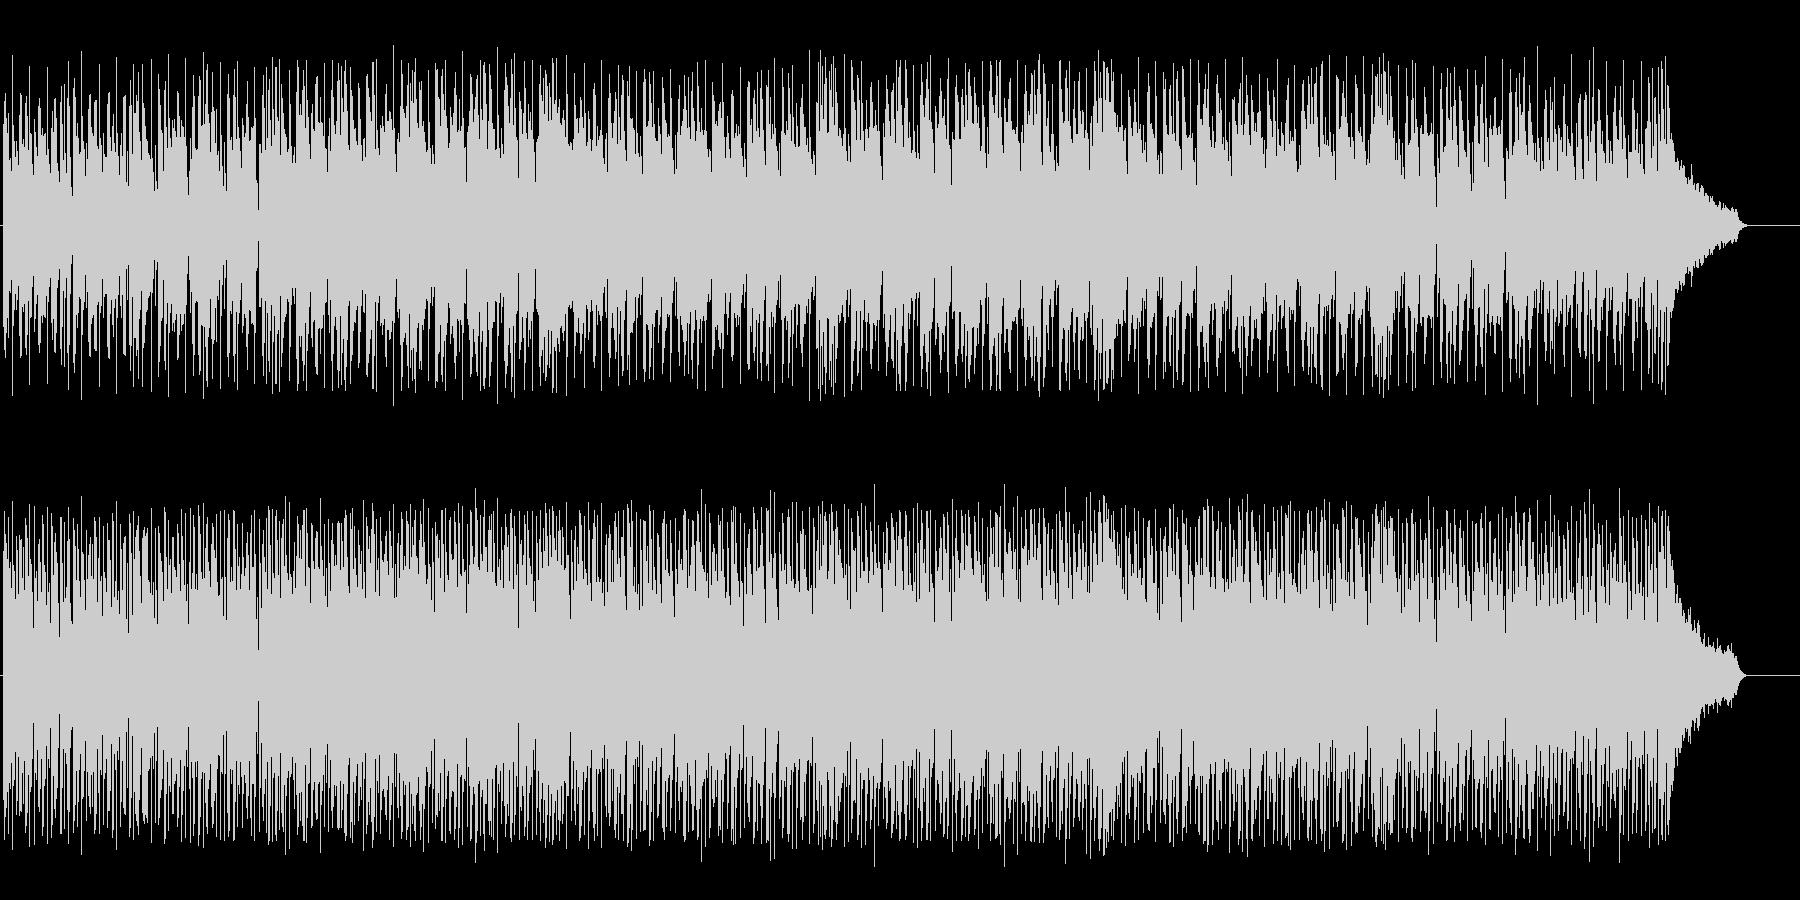 Bright rhythmic techno BGM's unreproduced waveform